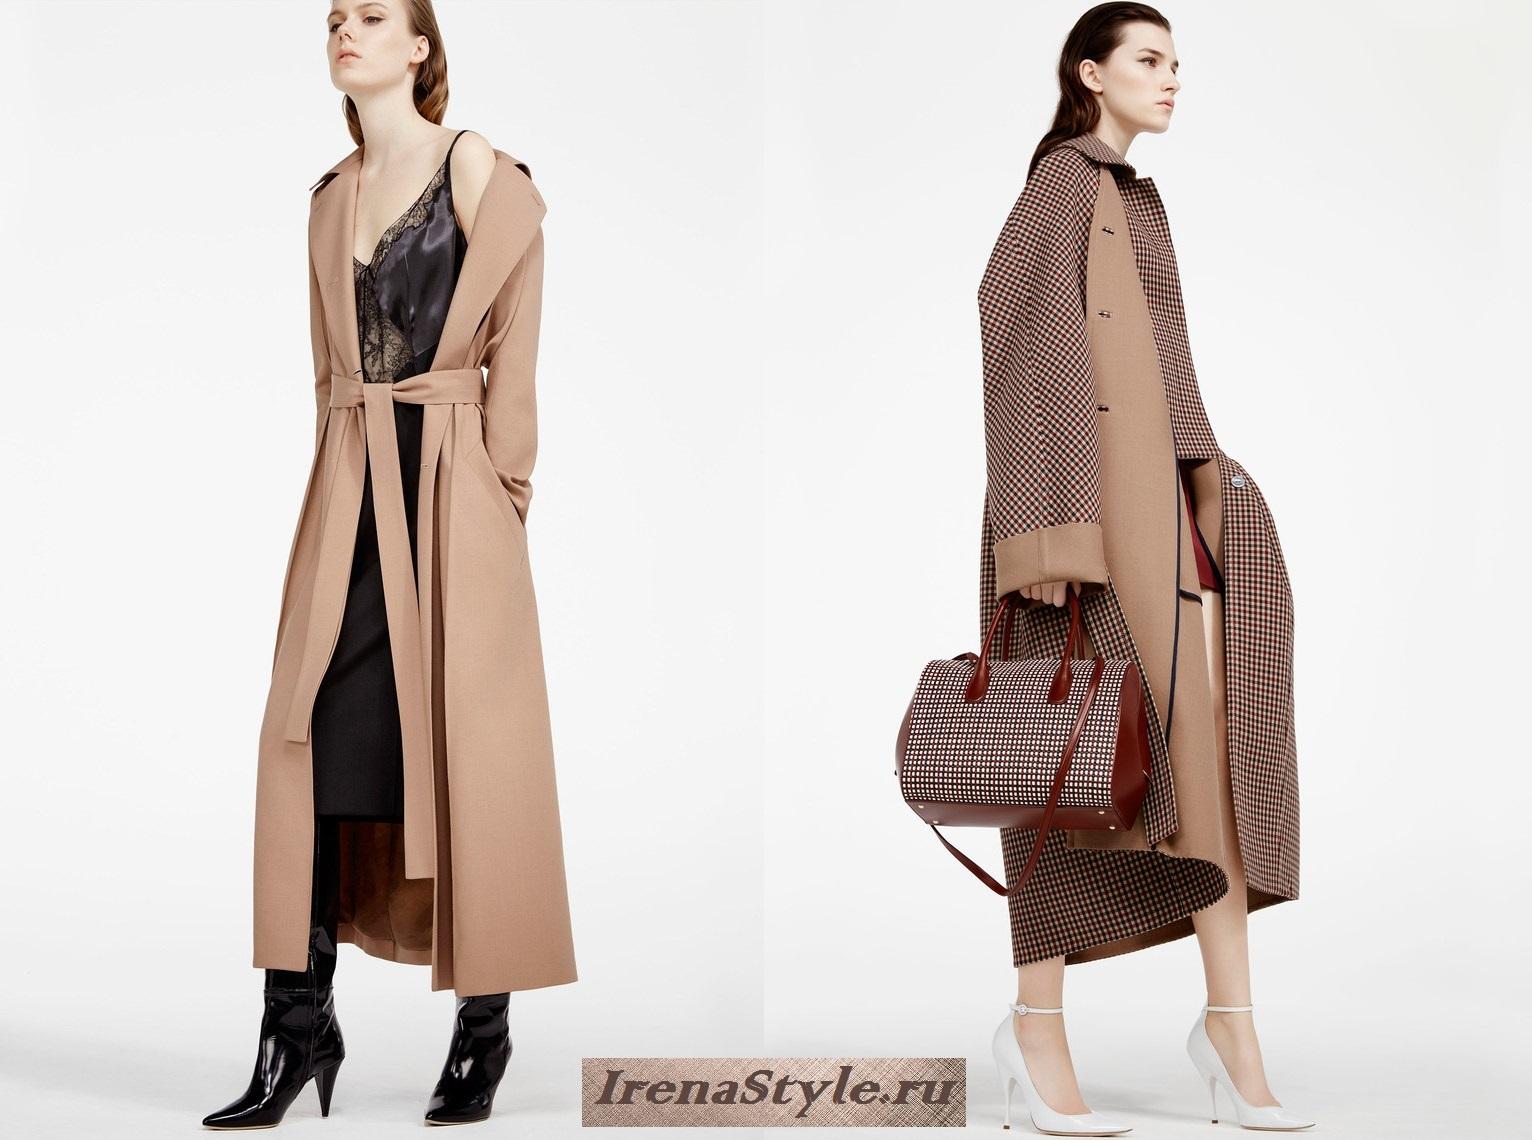 Бежеве пальто підкуповує також можливостями його сполучення з іншими речами  гардероба. Якщо ви додасте в образ білий колір (штани d43a30737d754